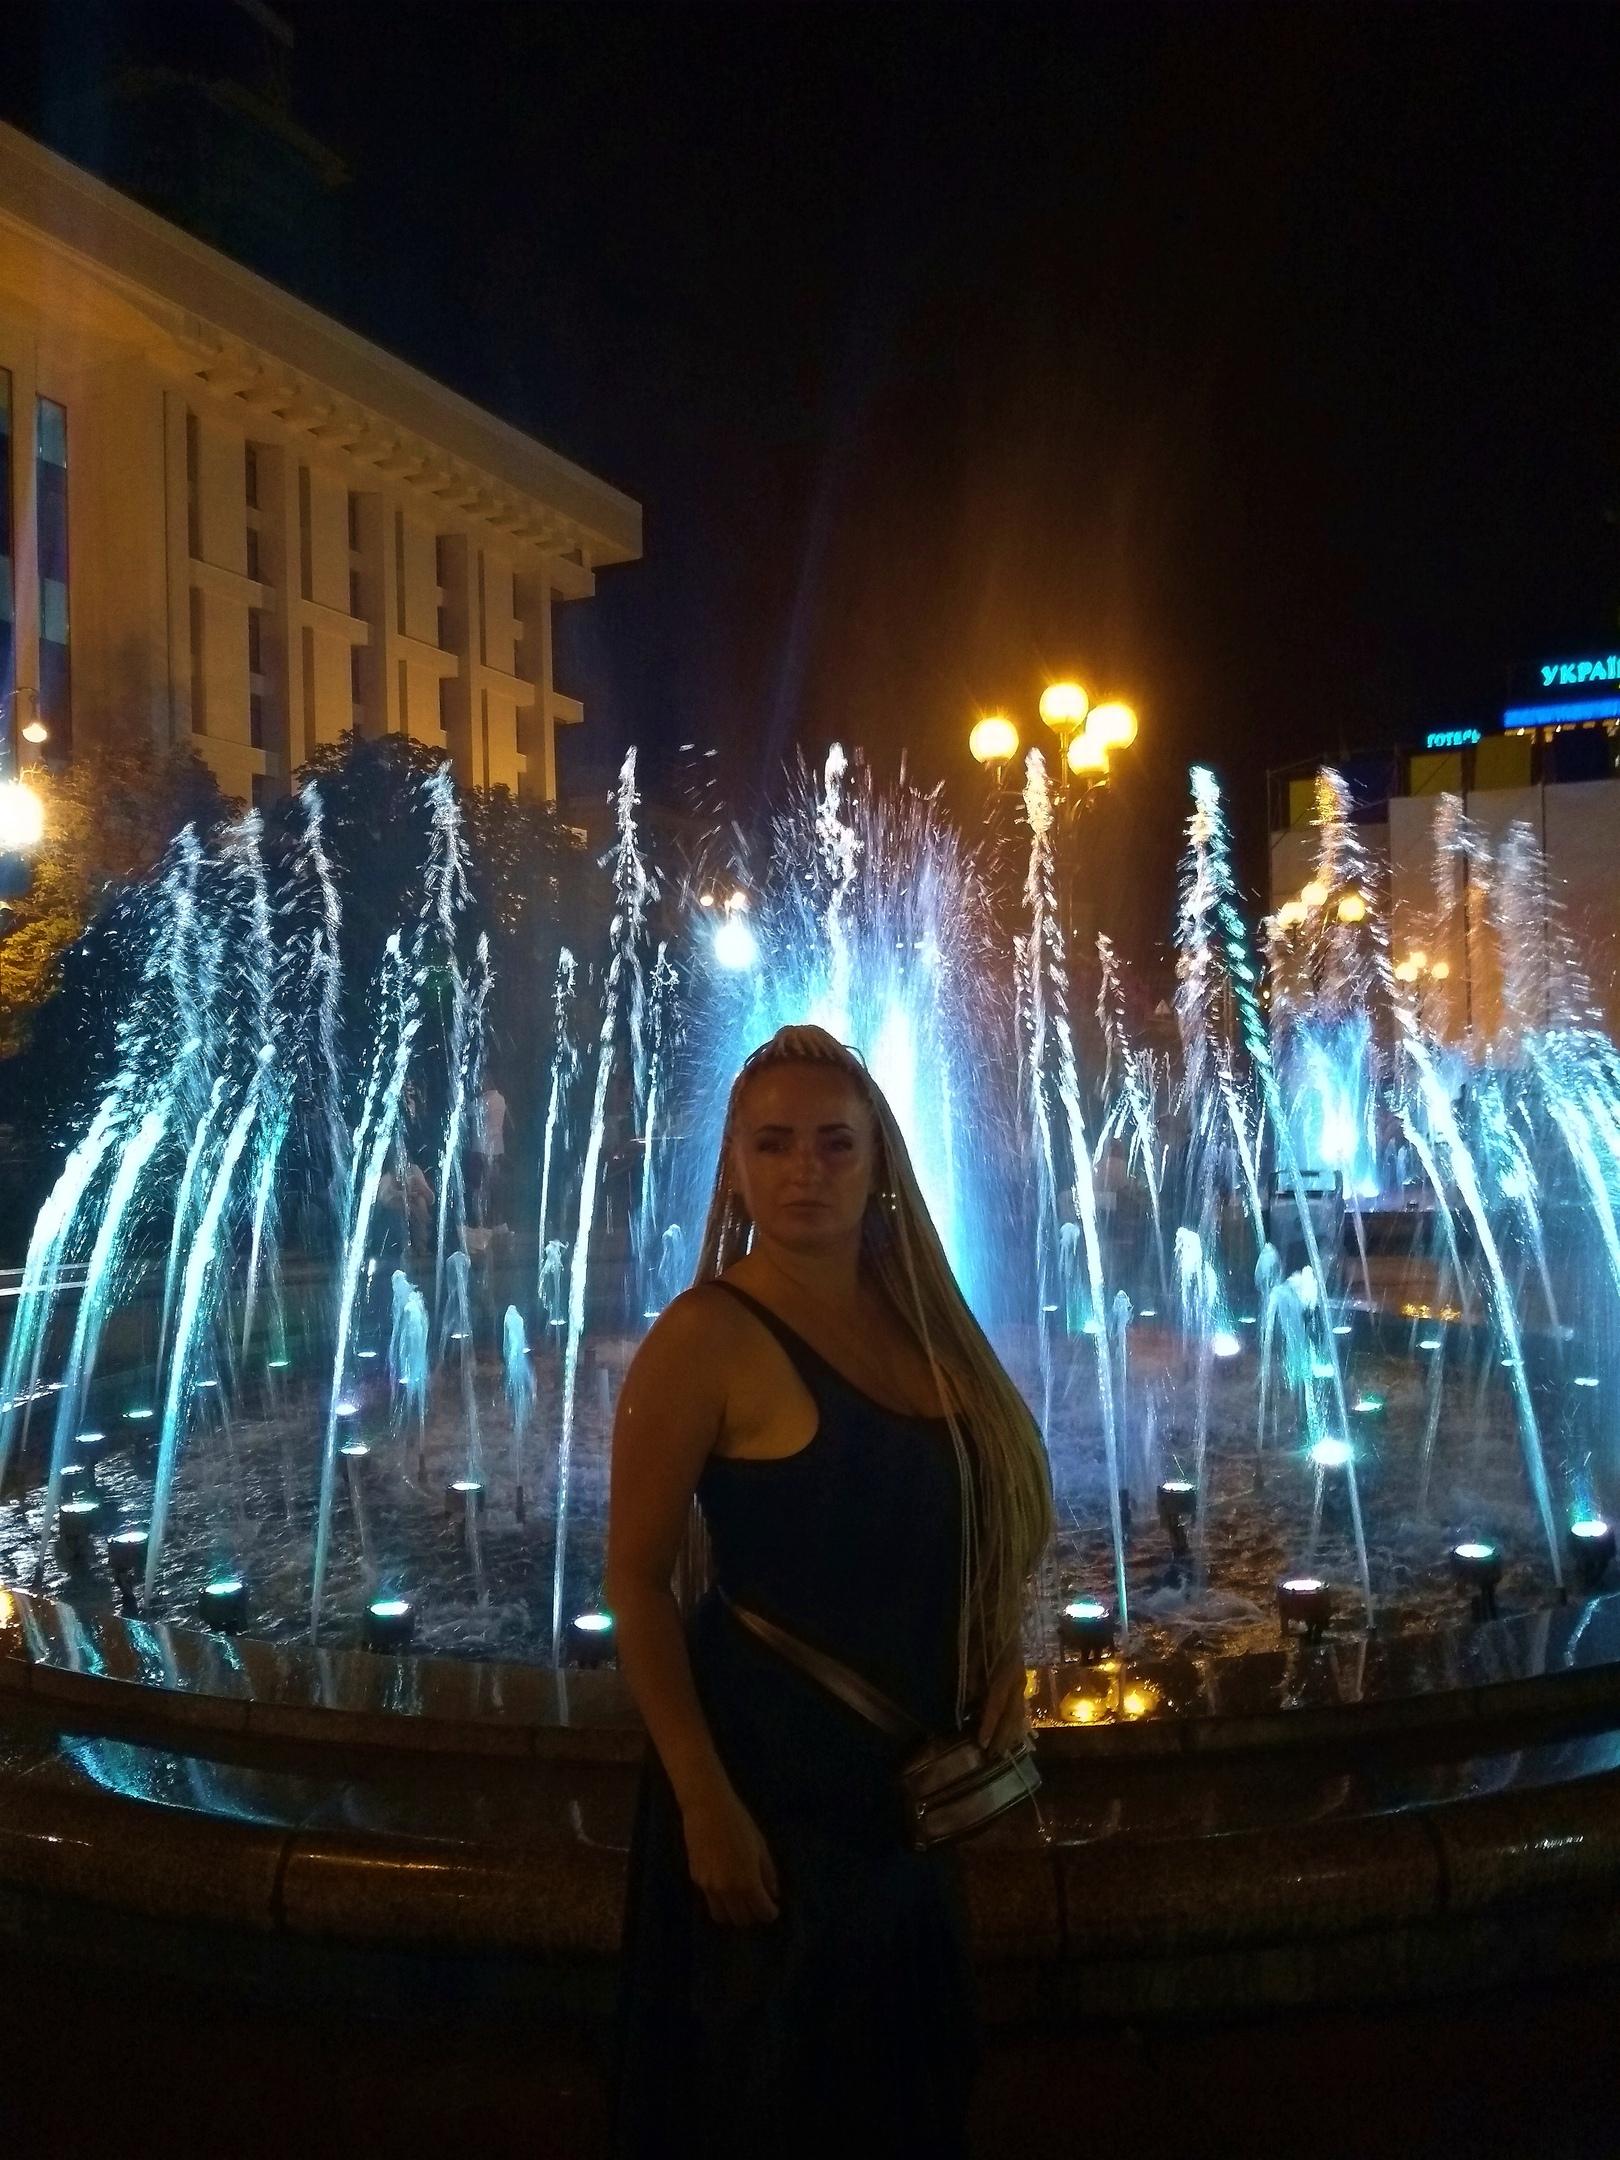 Елена Руденко (Валтея). Украина. Киев. Фото и описание.  - Страница 2 5UukdJGeysM